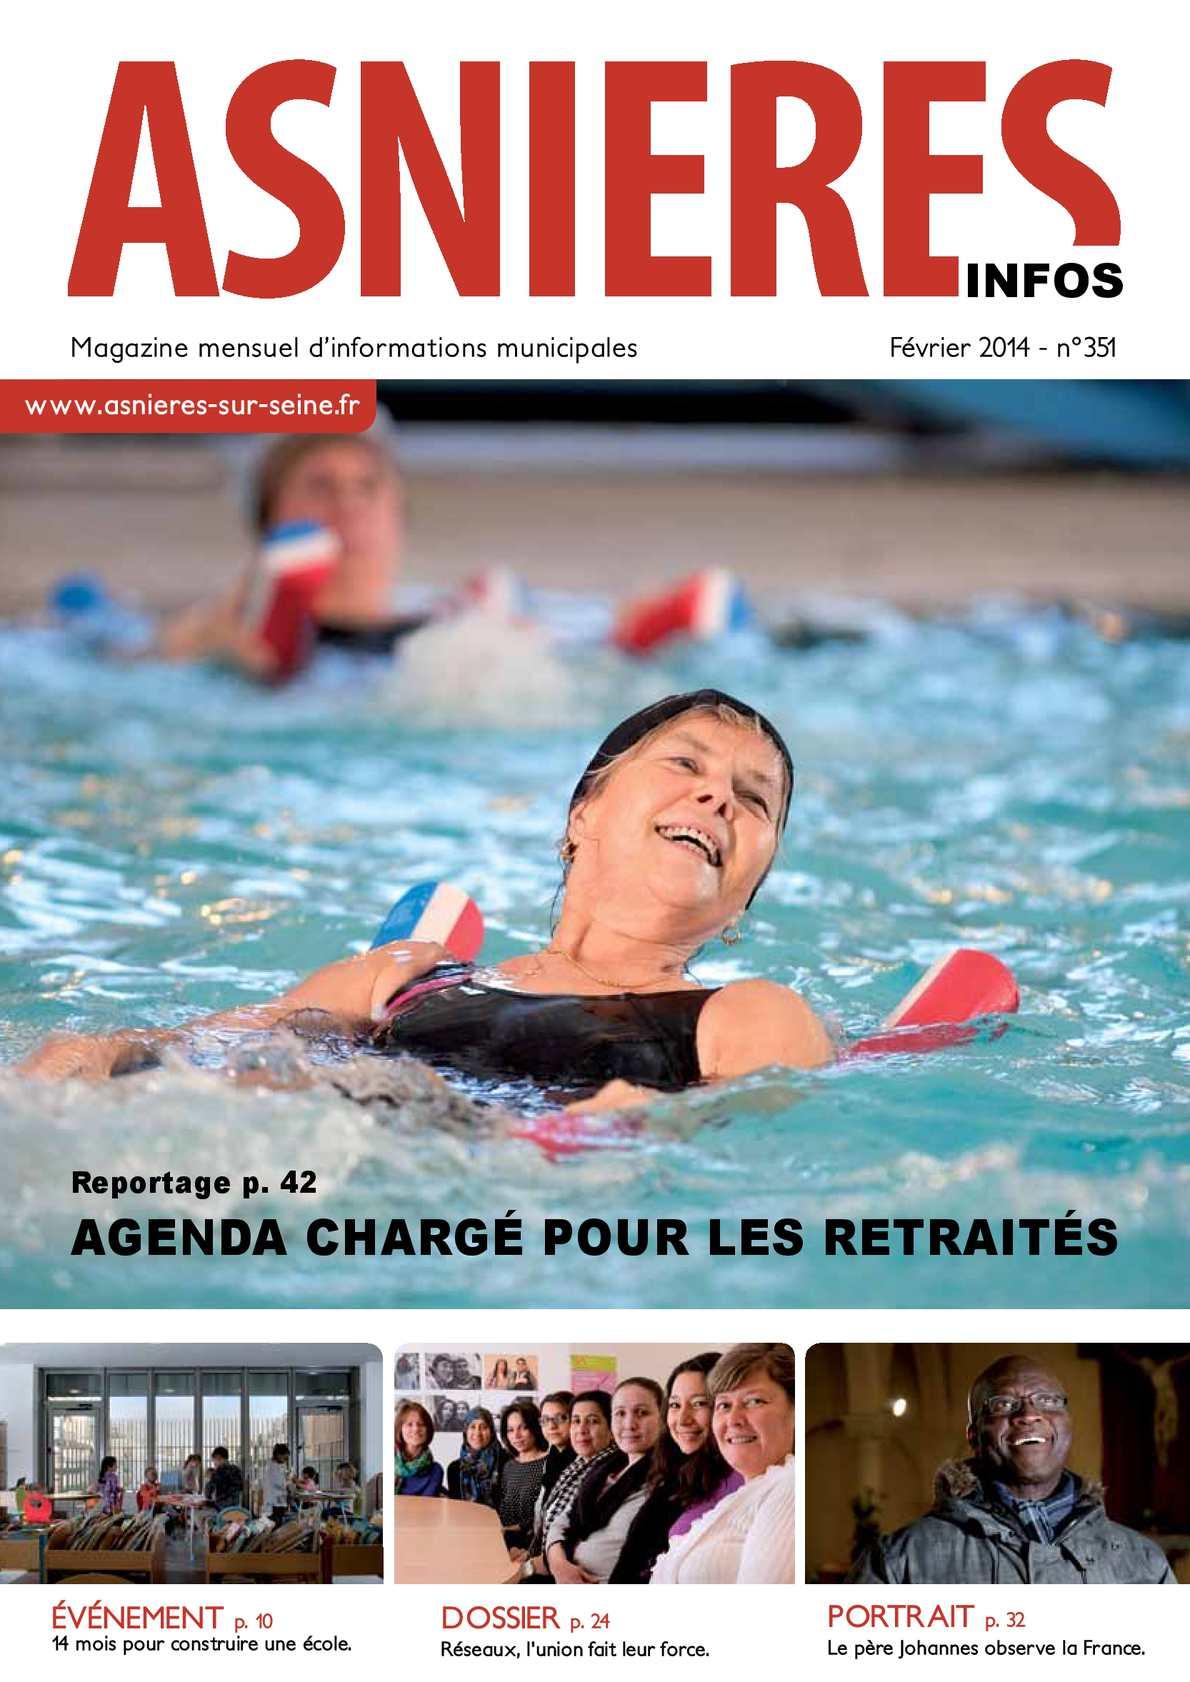 Femmes célibataires Asnieres-sur-Seine sexe affinitésde